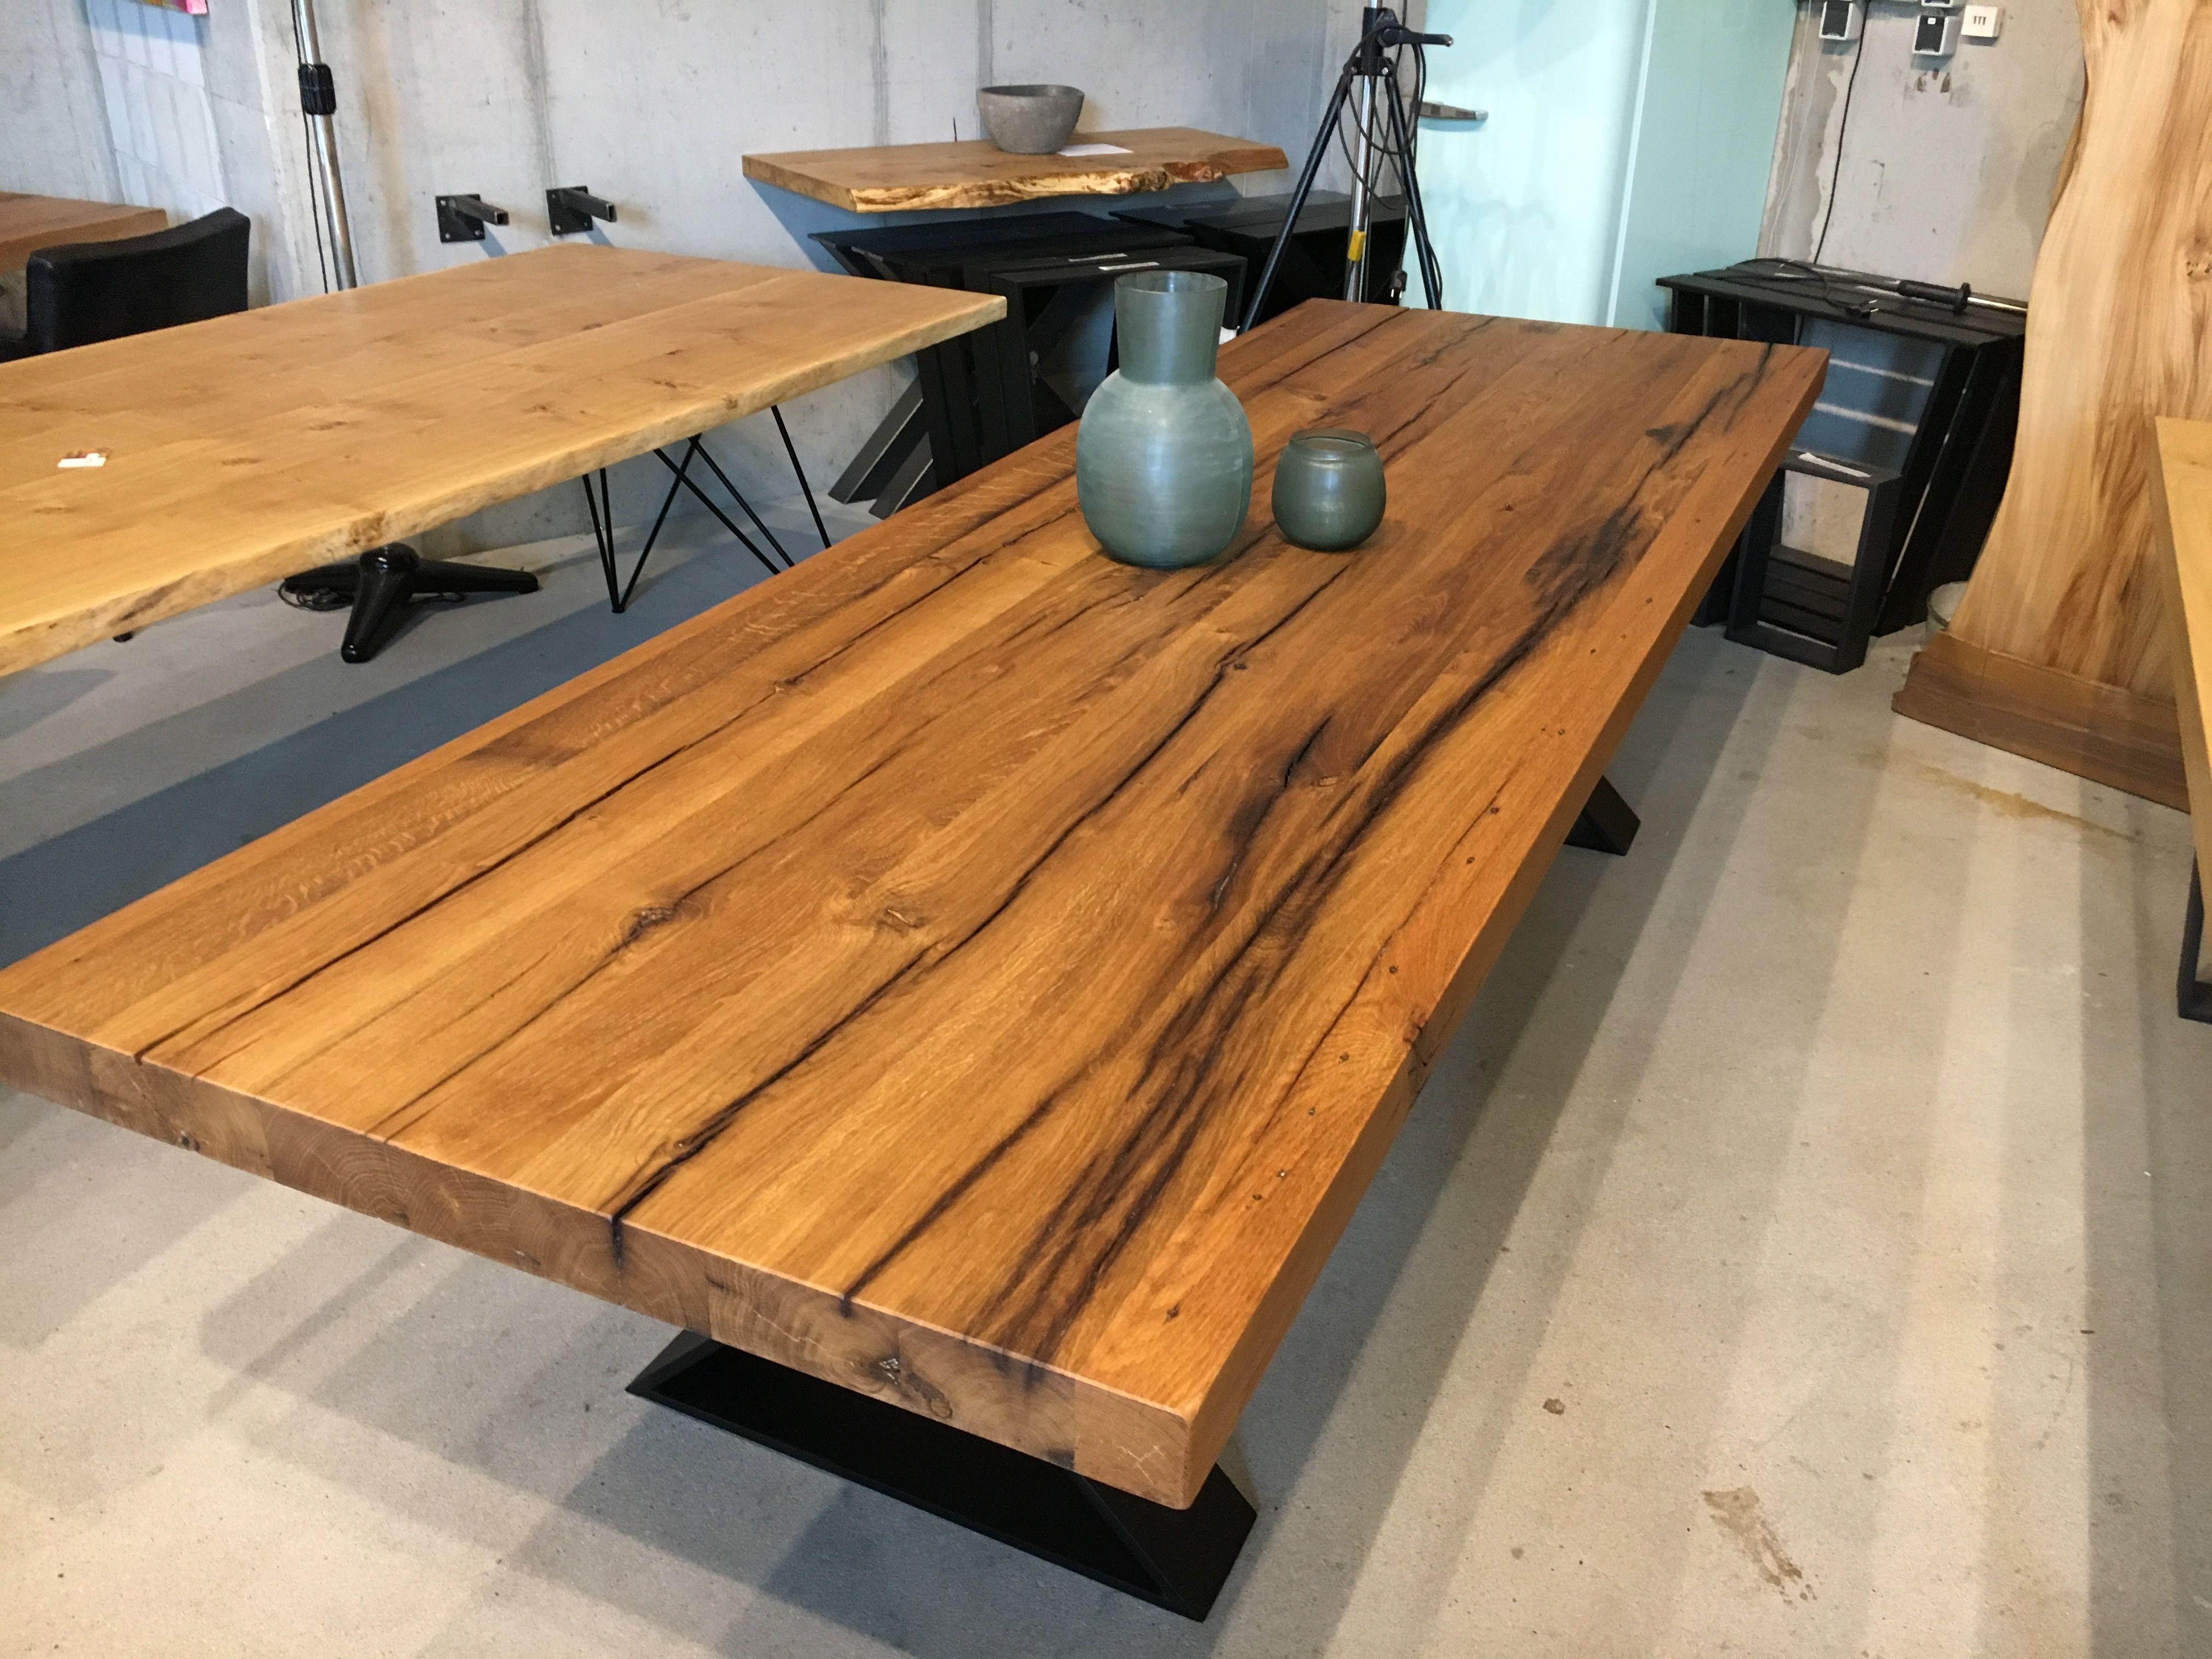 Esstisch Massivholztisch Holztisch Designtisch Esszimmer